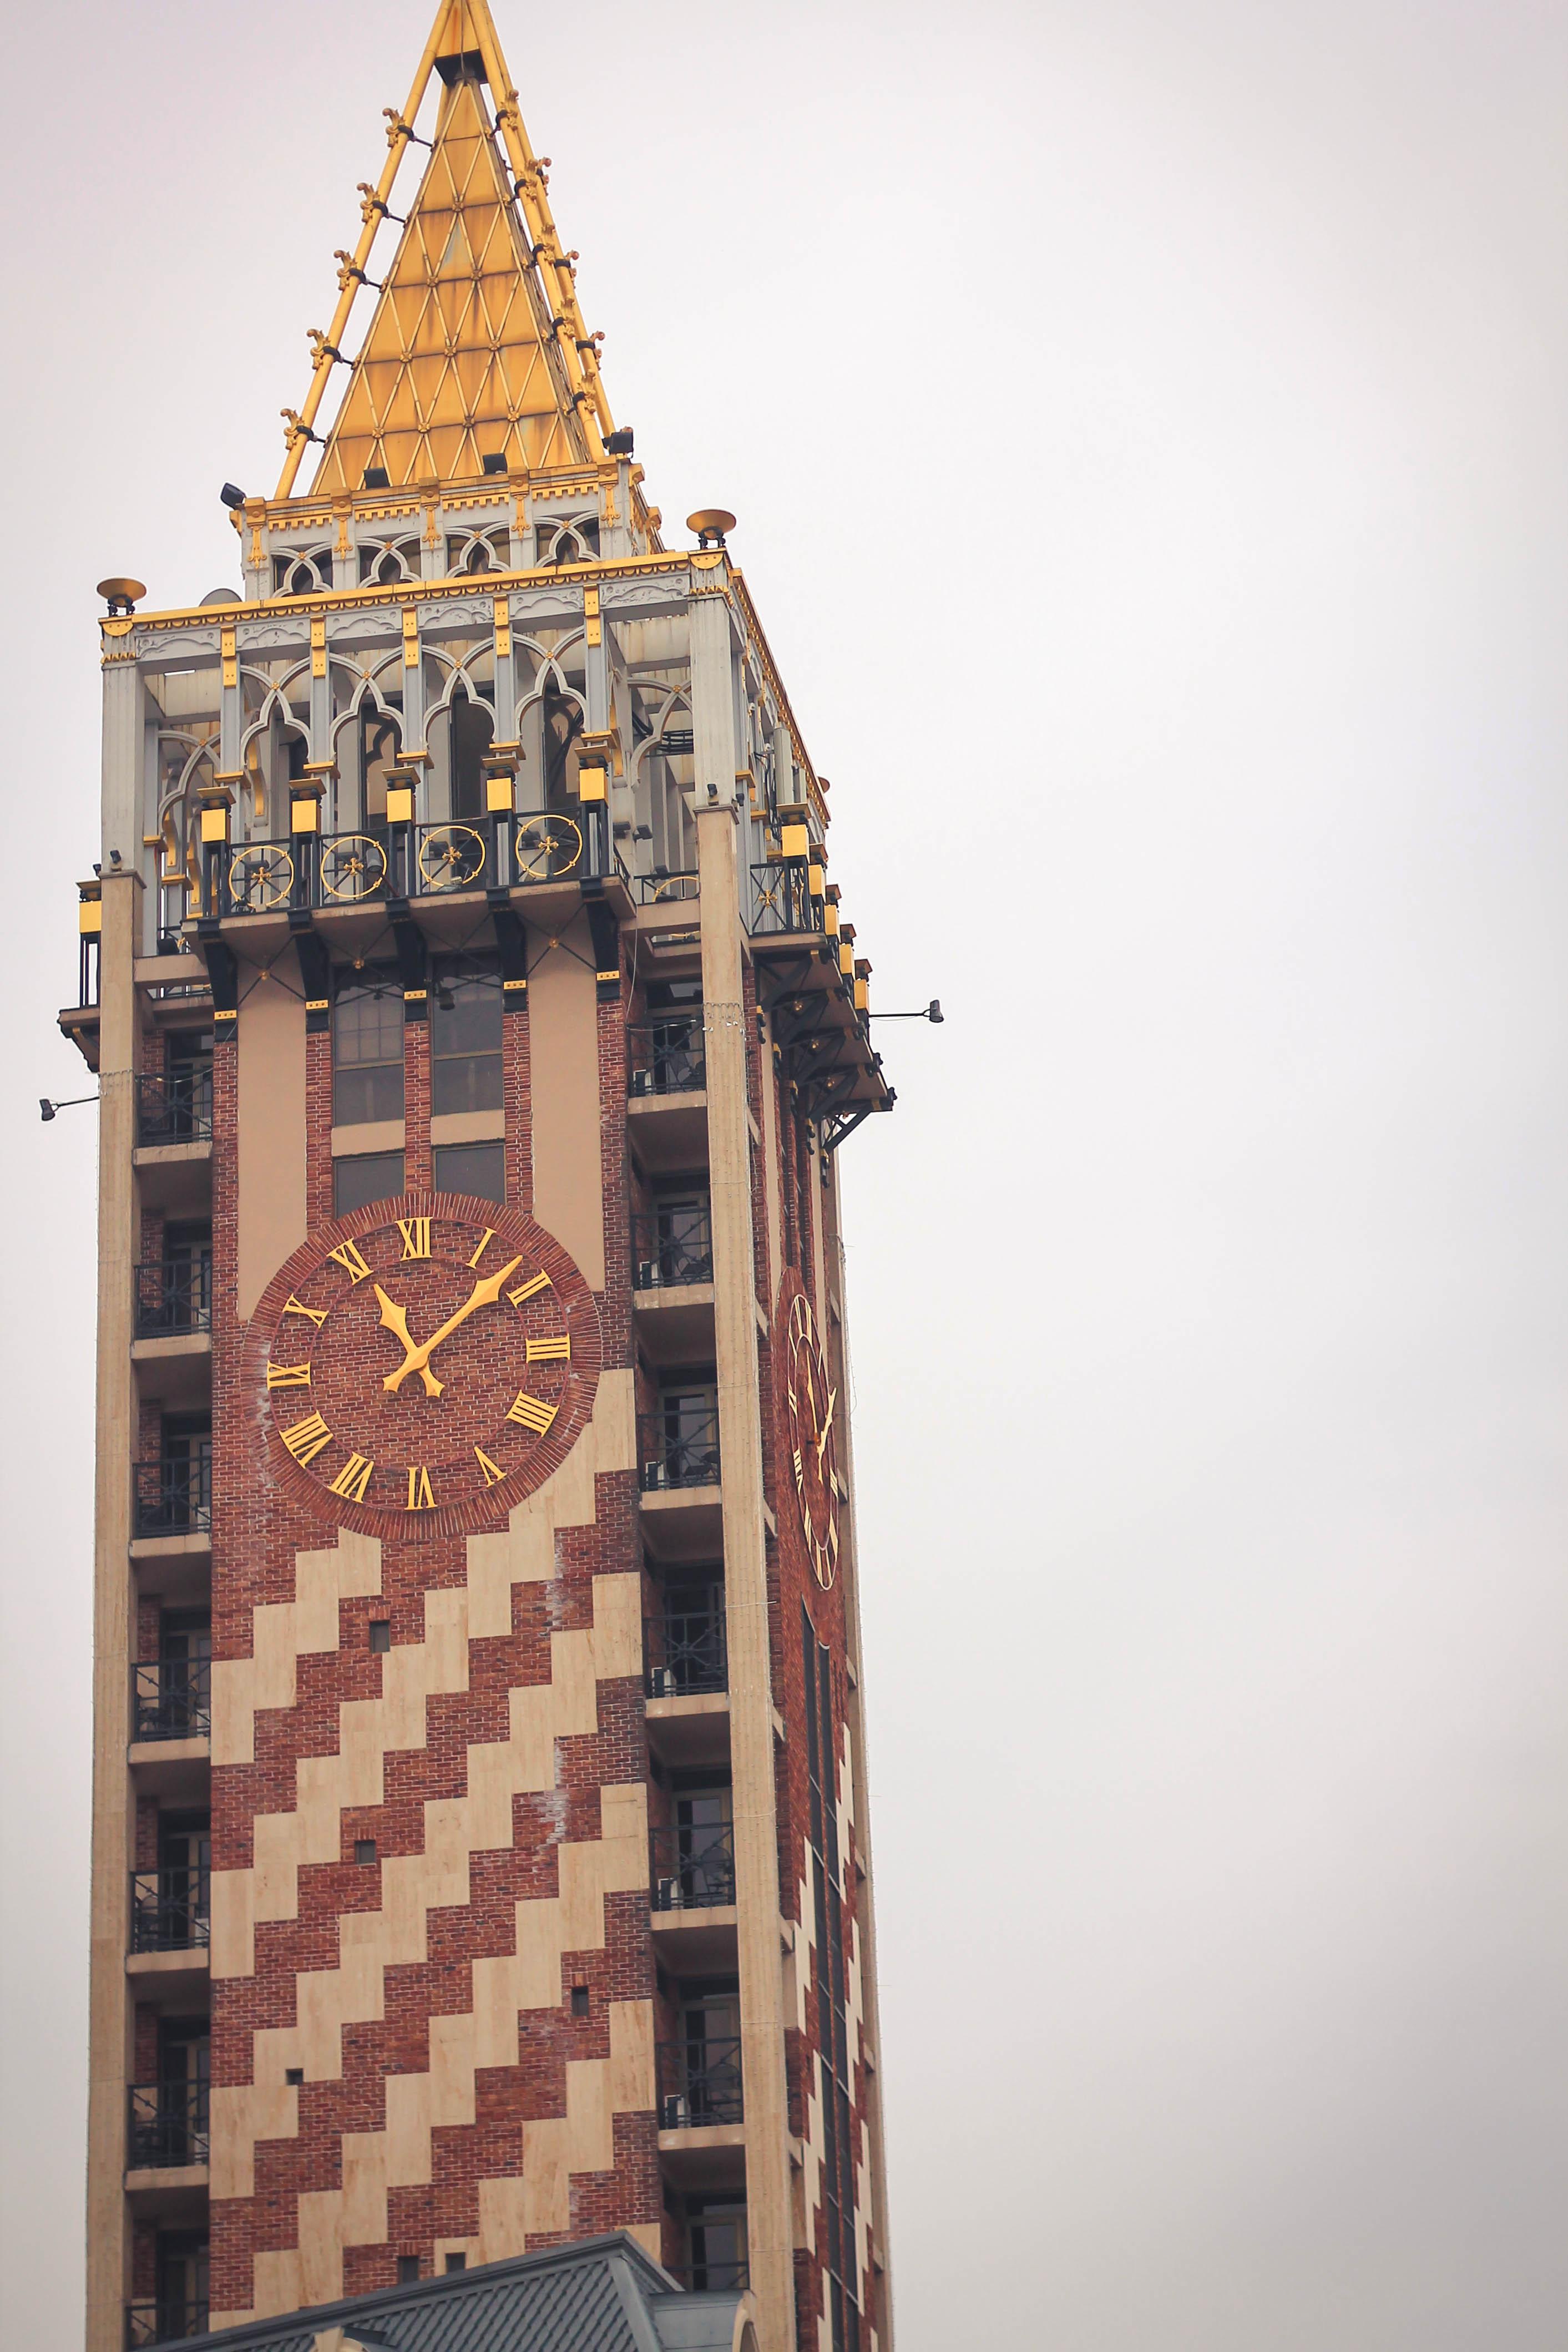 Są tez inne wieże złotem pokrywane.